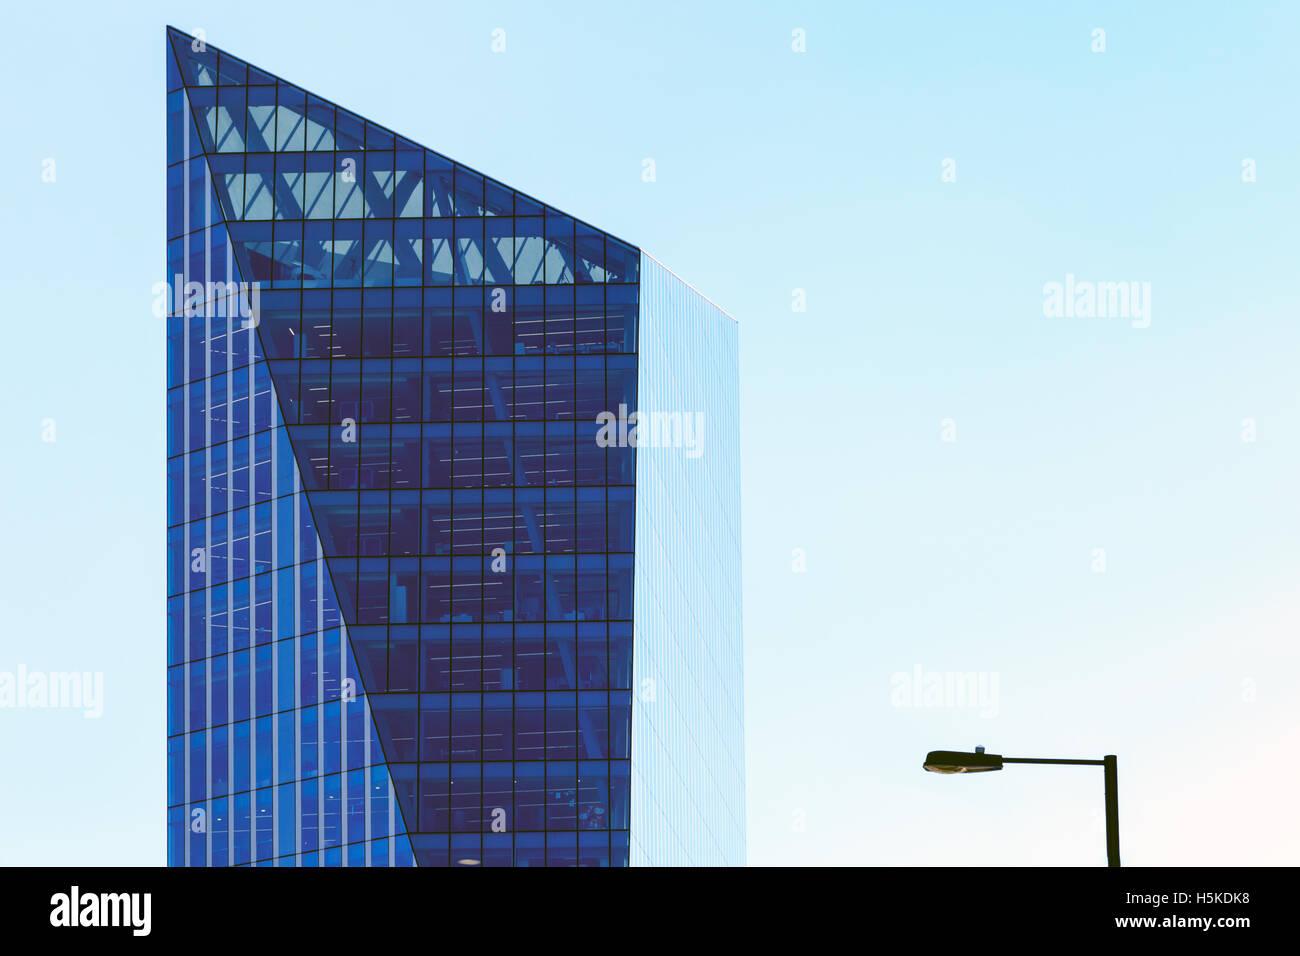 Modernes Bürogebäude (UBM Hauptsitz) und einen Laternenpfahl vor einem blauen wolkenlosen Himmel Stockbild